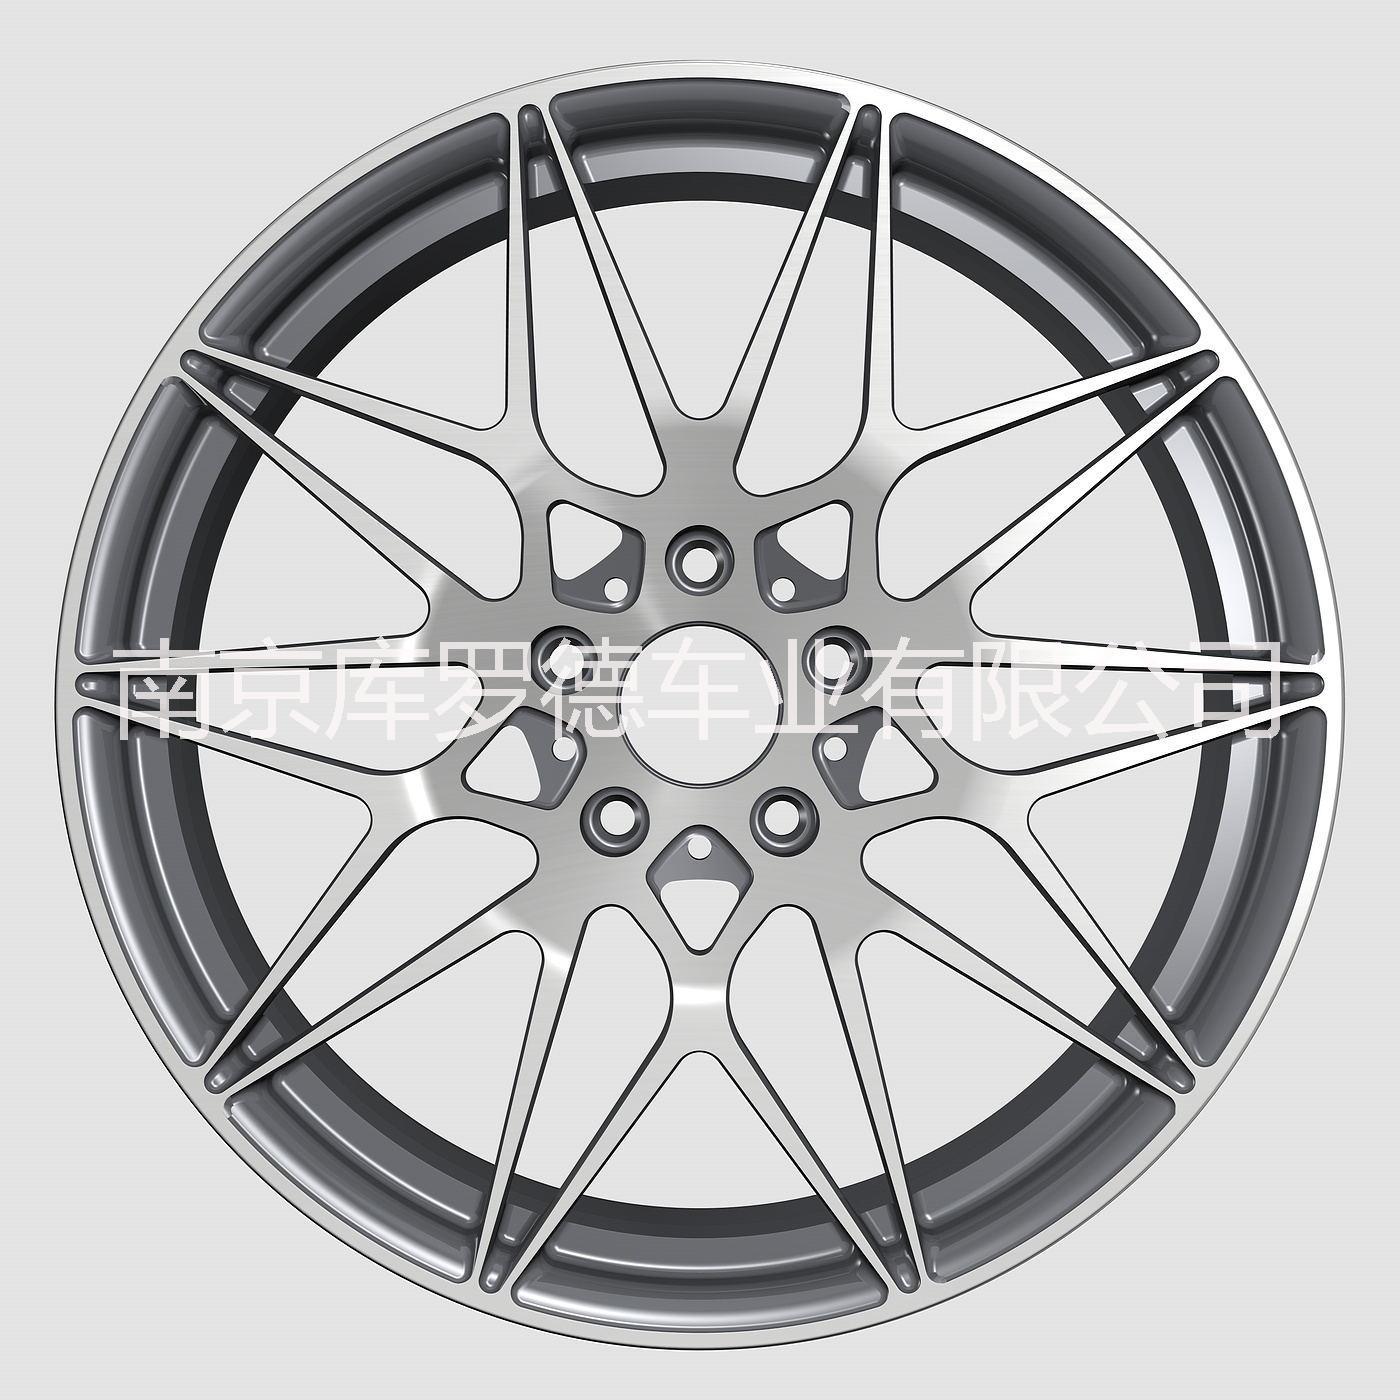 改装锻造铝合金轮毂-轿车轮毂 广州改装锻造铝合金轮毂-轿车轮毂